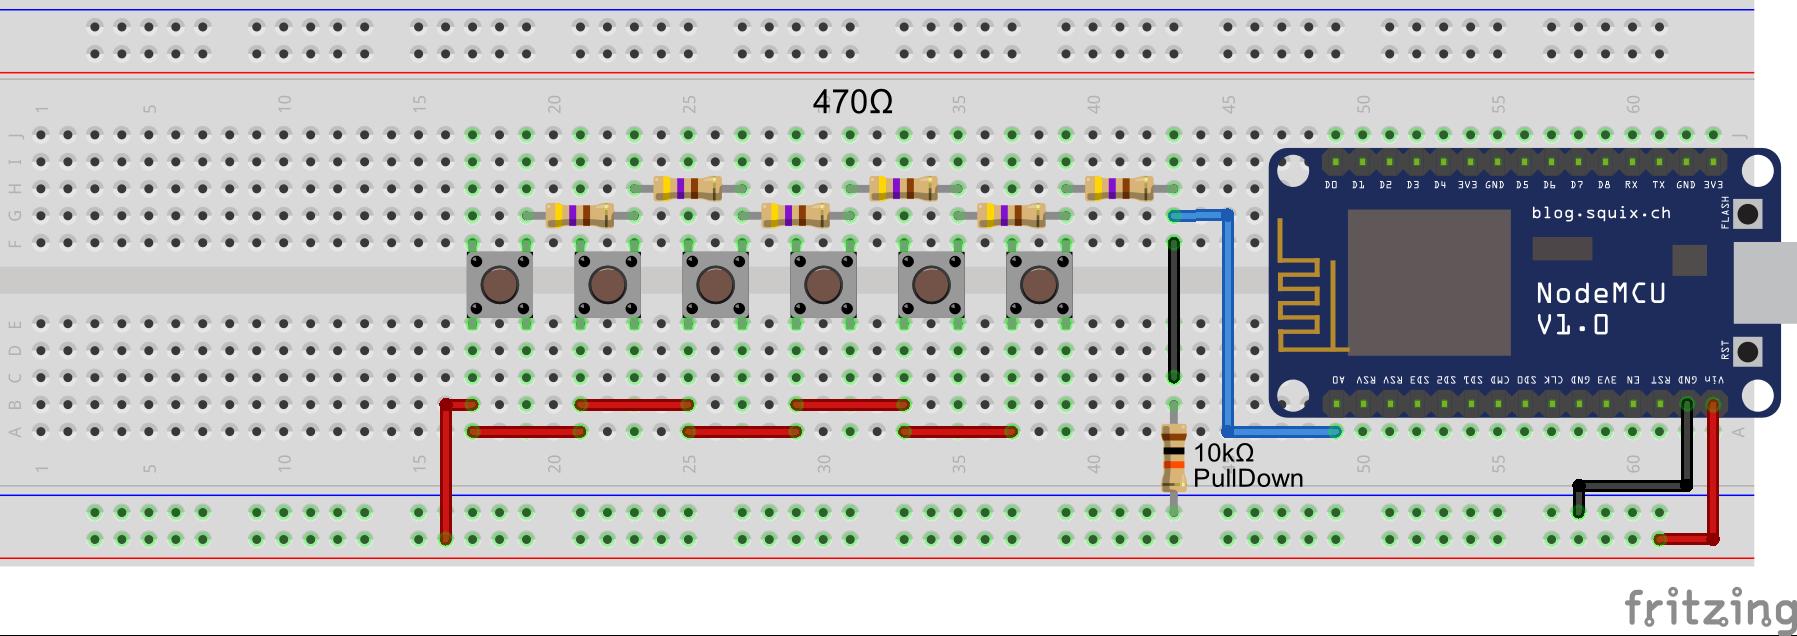 Mehrere Buttons an einem Arduino GPIO Pin